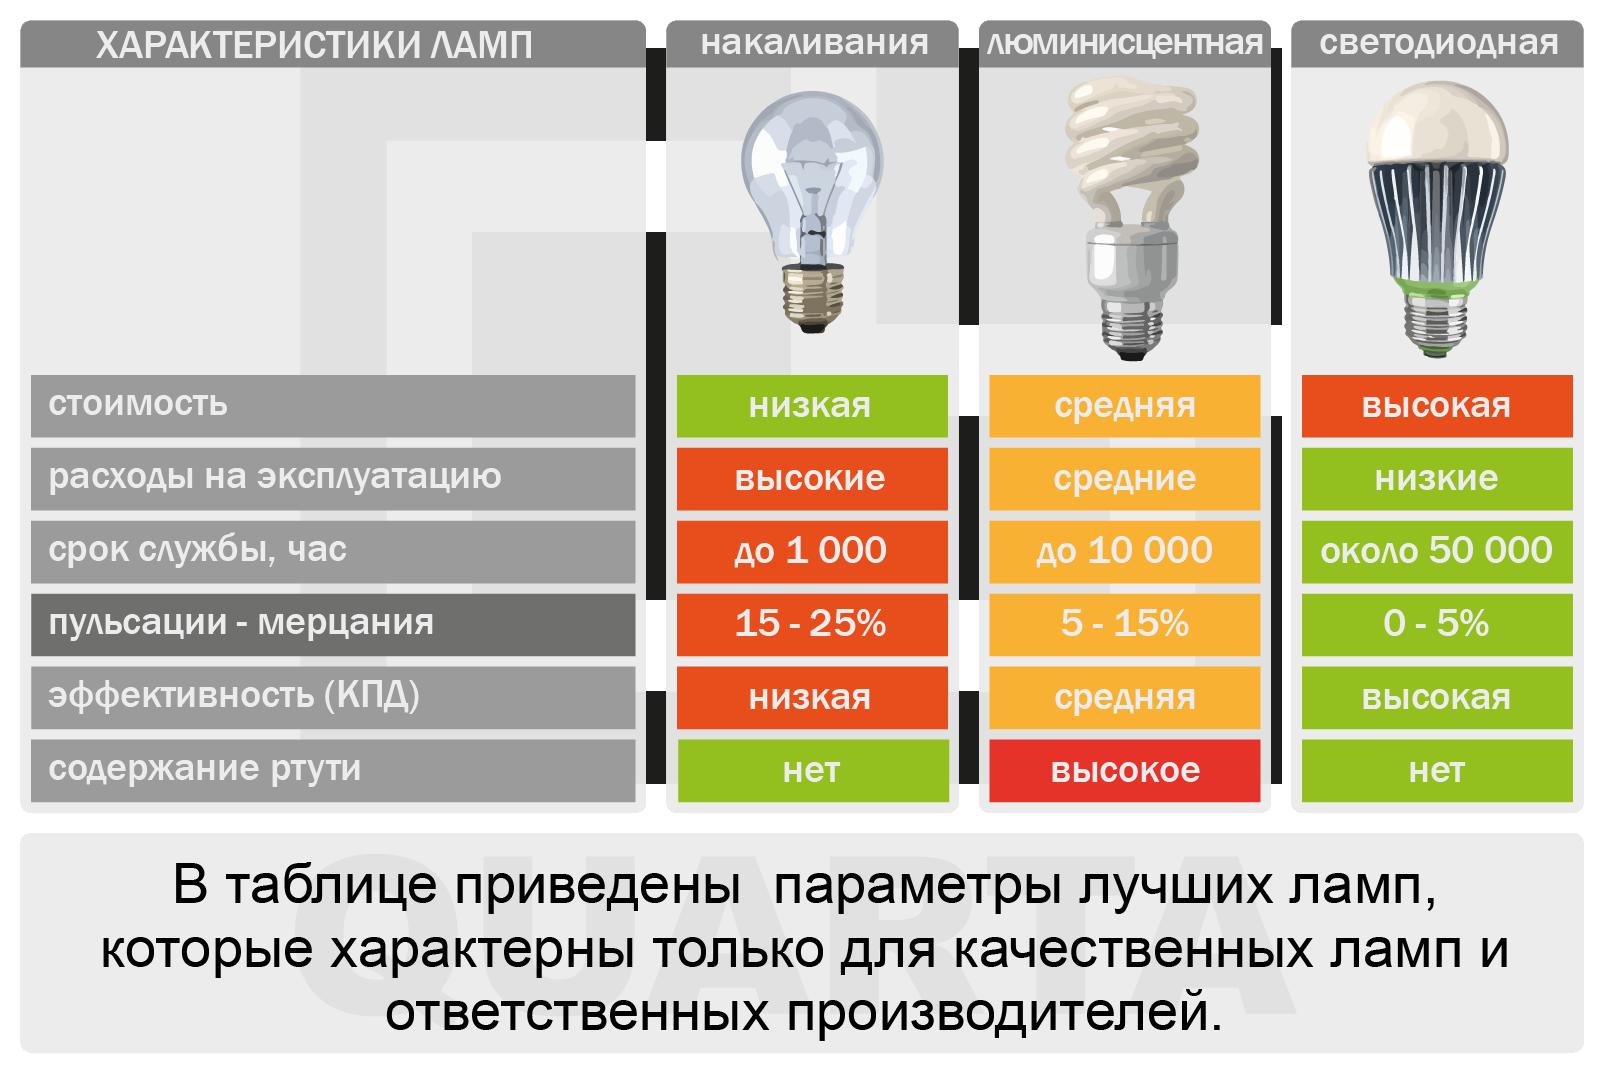 Светодиодные лампы для дома как выбрать